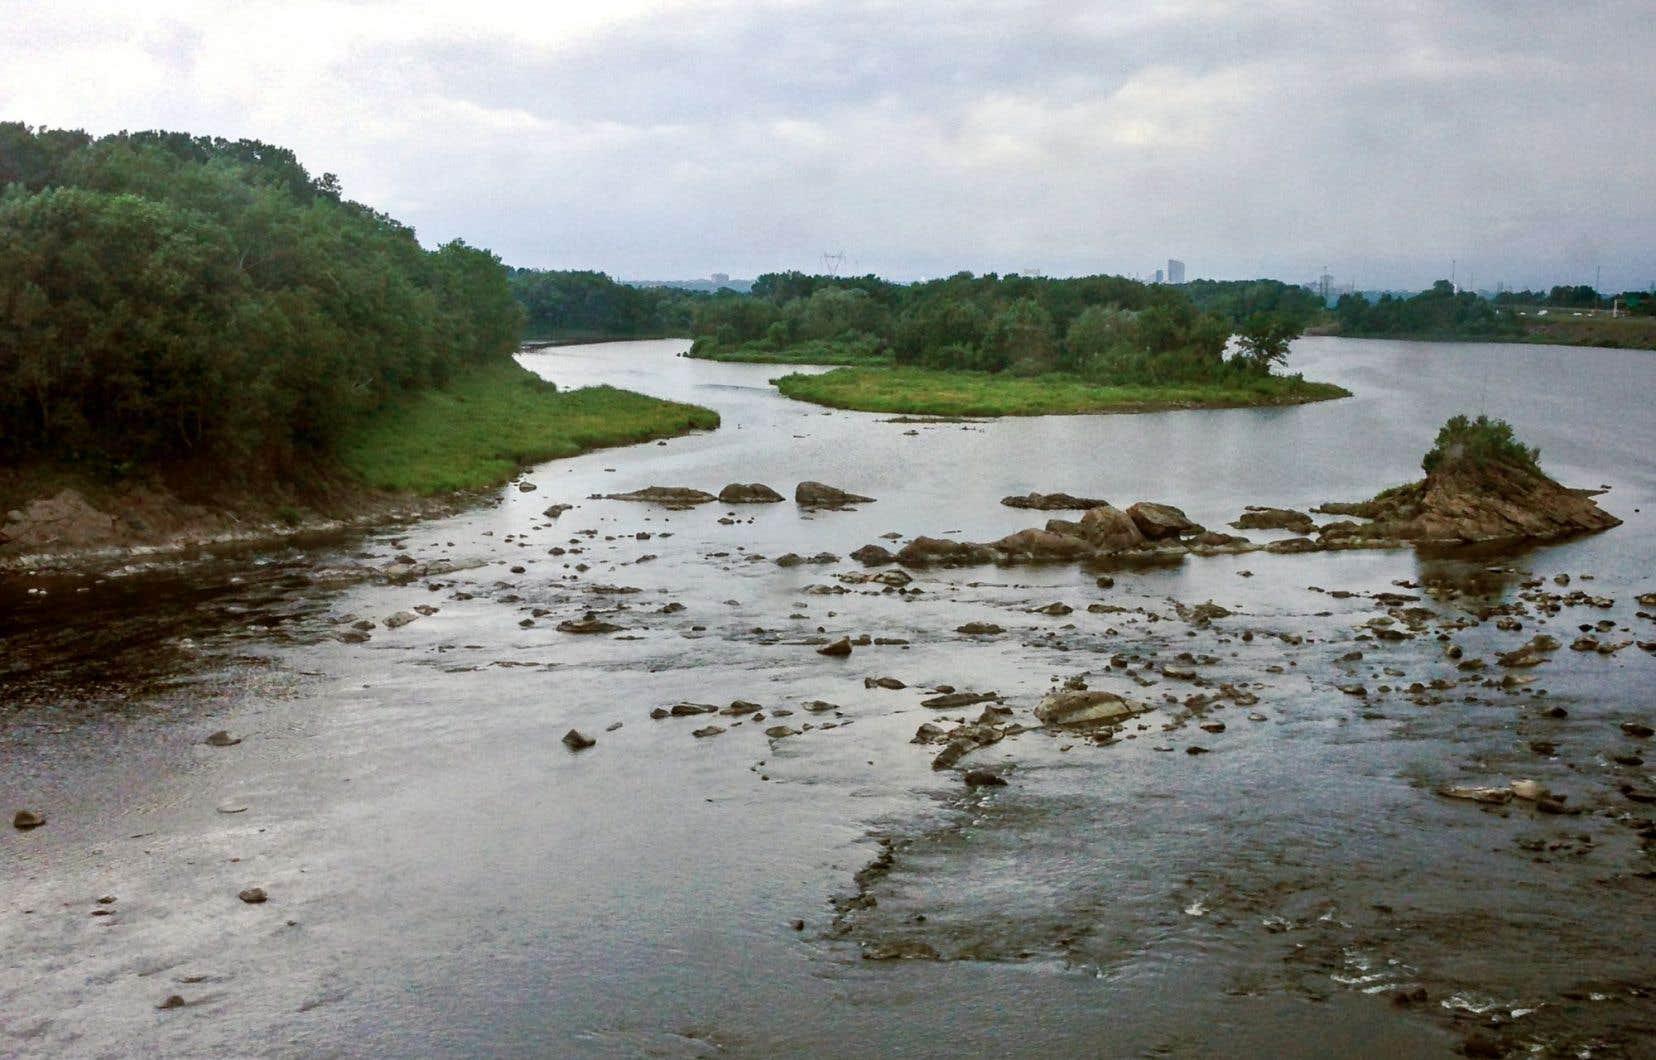 La rivière Chaudière a été contaminée à la suite du déversement de pétrole survenu à Lac-Mégantic en 2013.